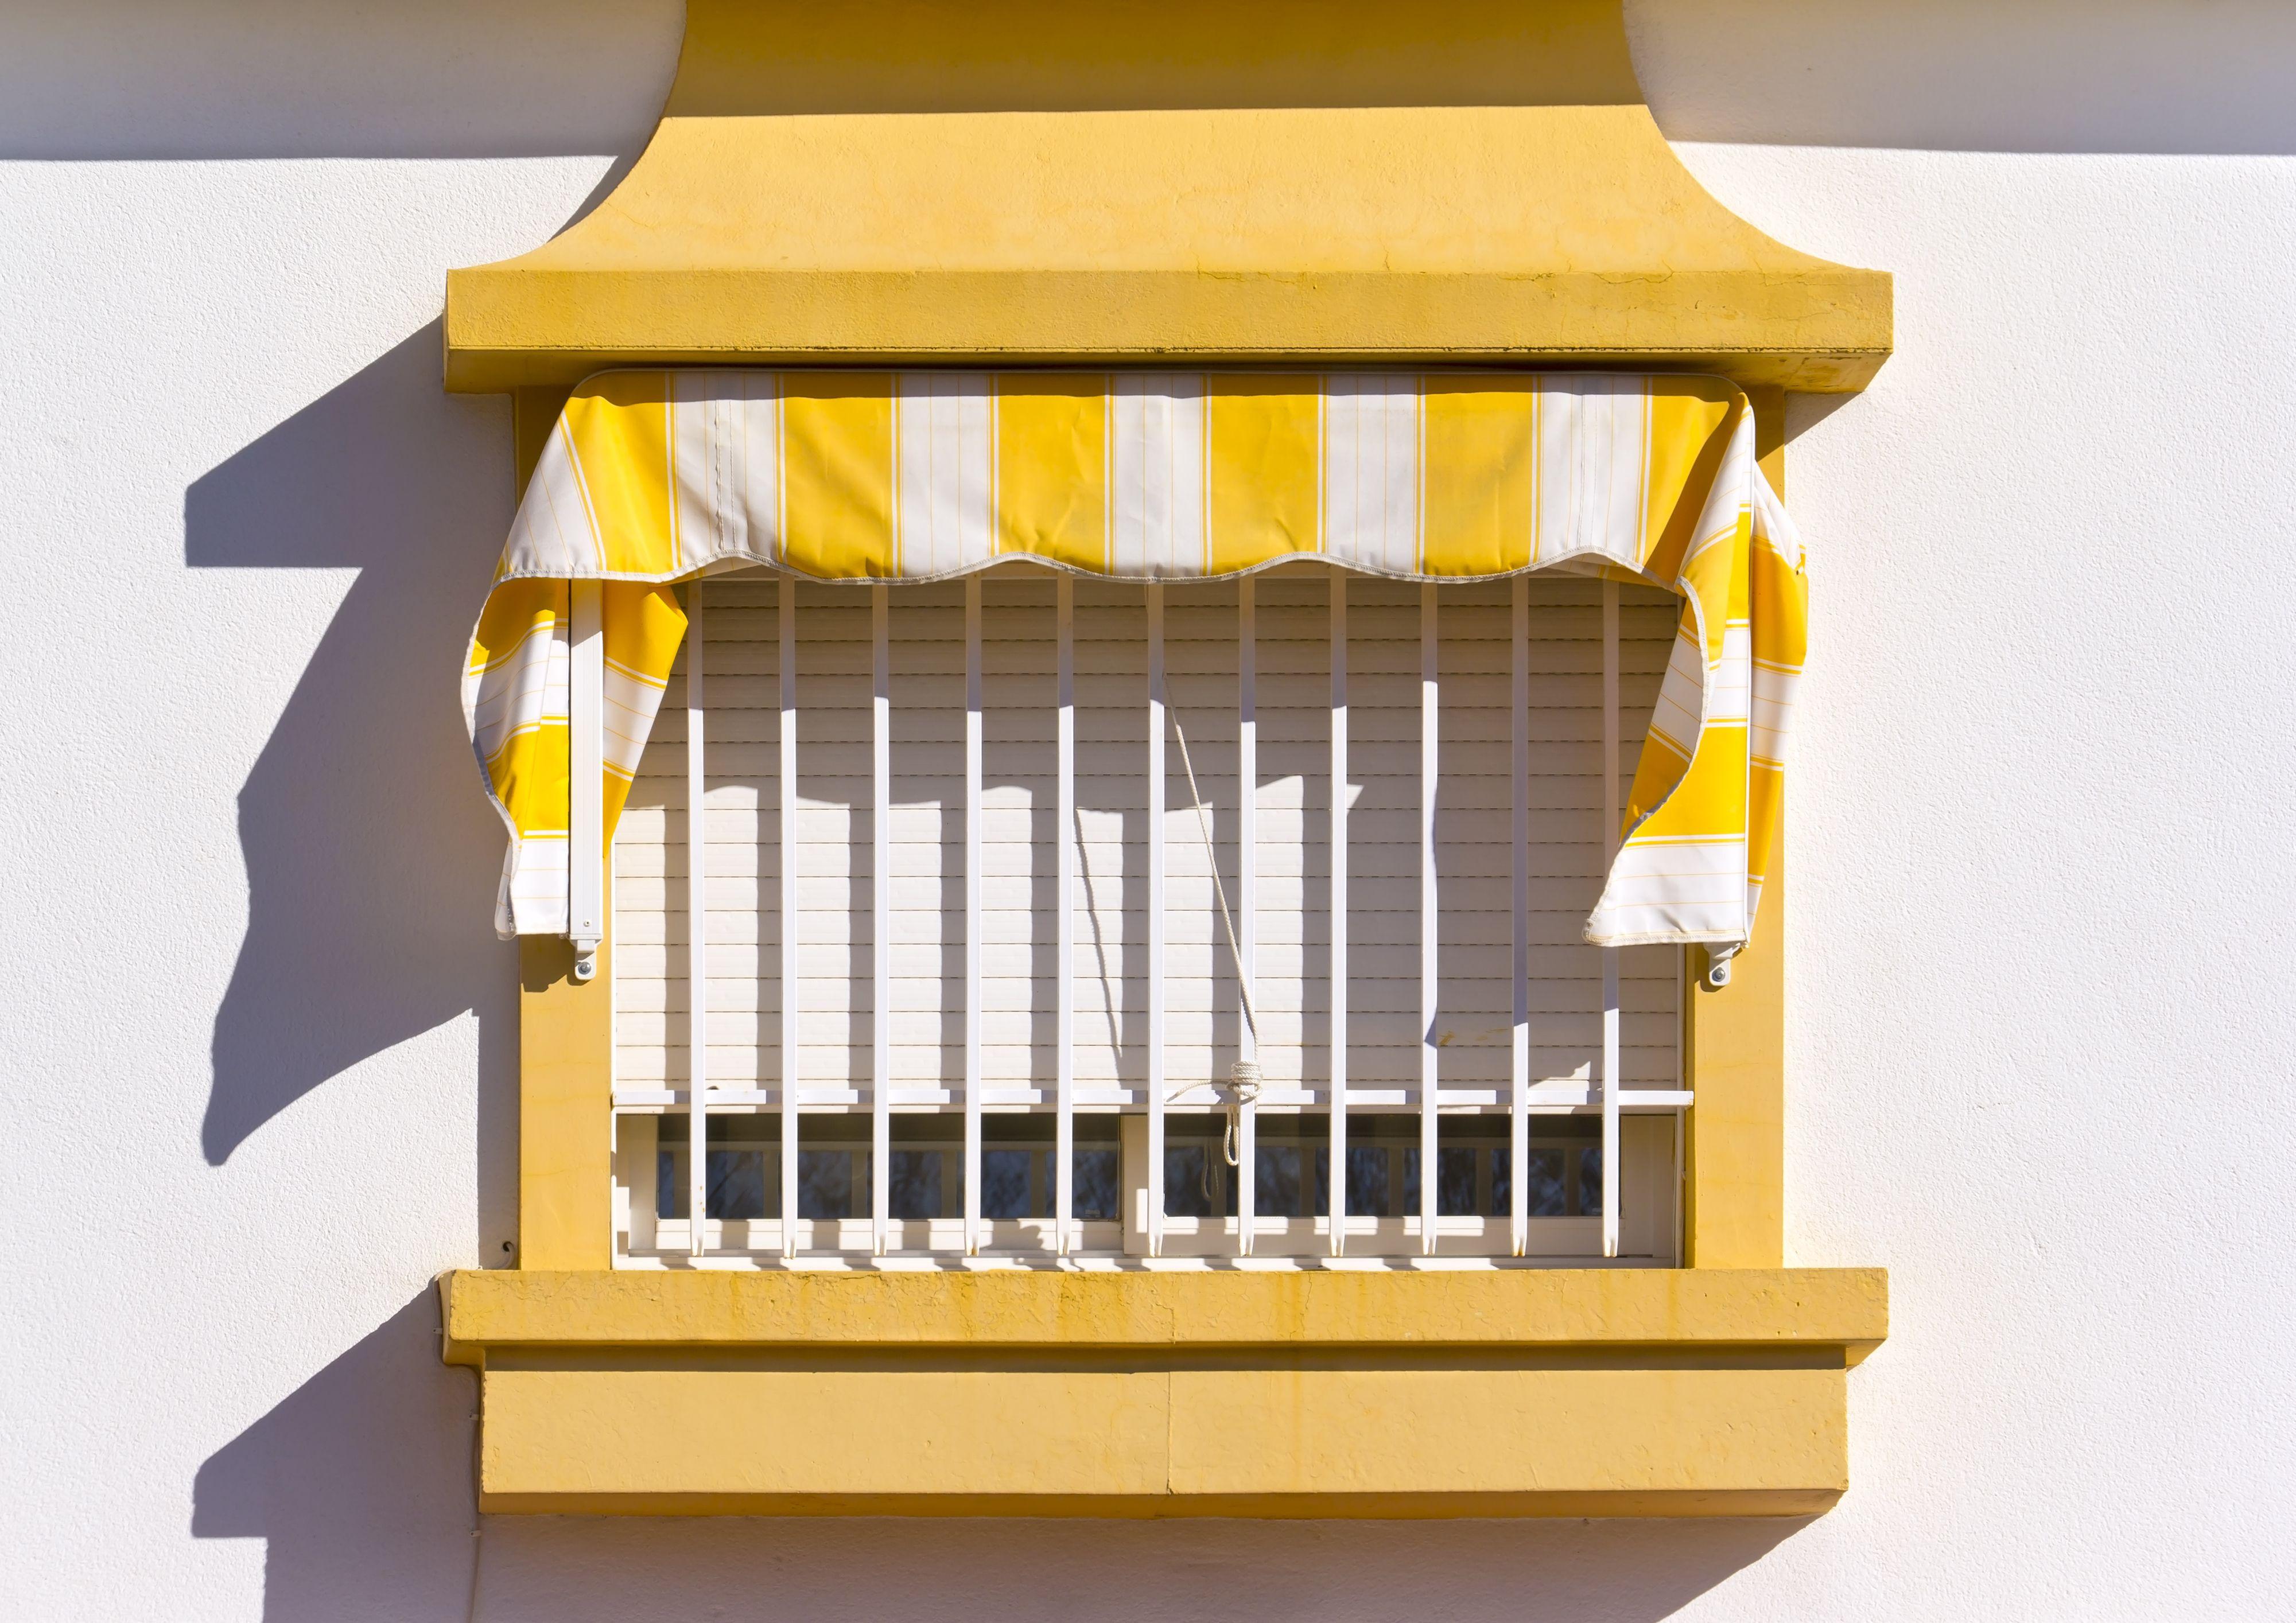 Sistemas de control solar: Servicios de Solucions de la Llar